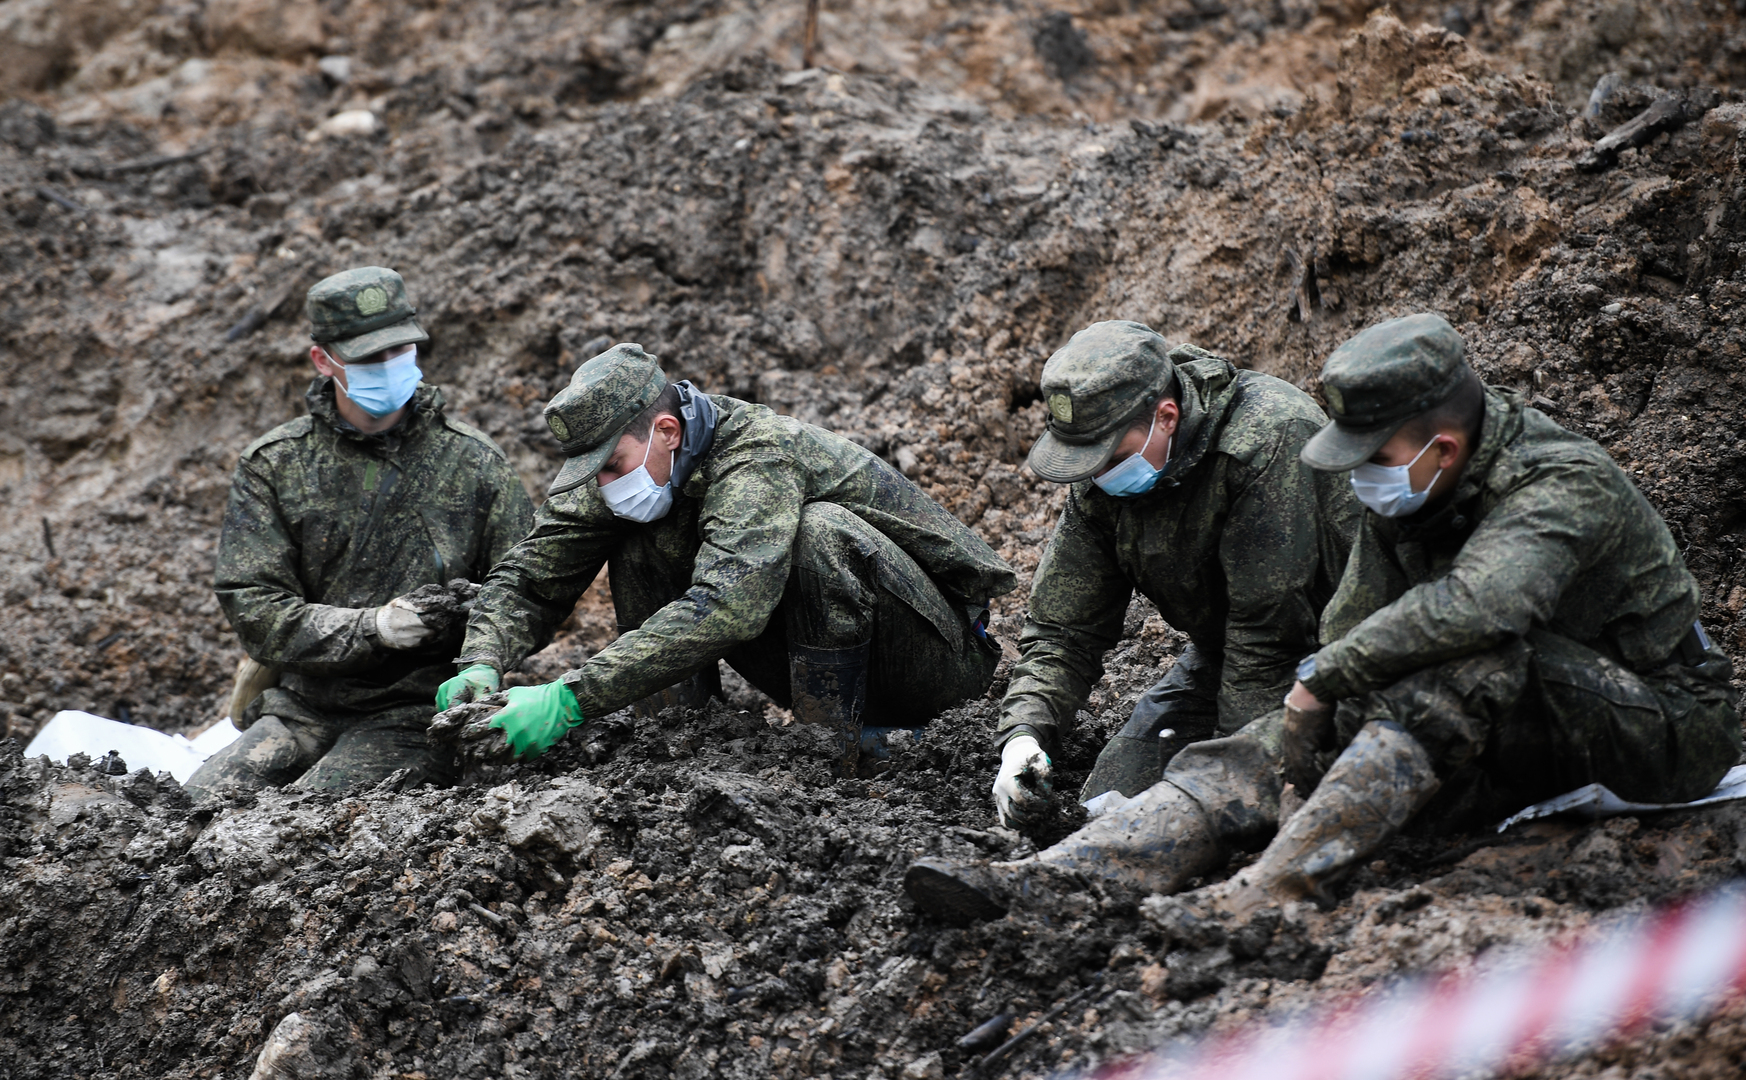 مصادر: الحفريات في المقابر الجماعية بمدينة سالسك الروسية ستستغرق أكثر من عام واحد